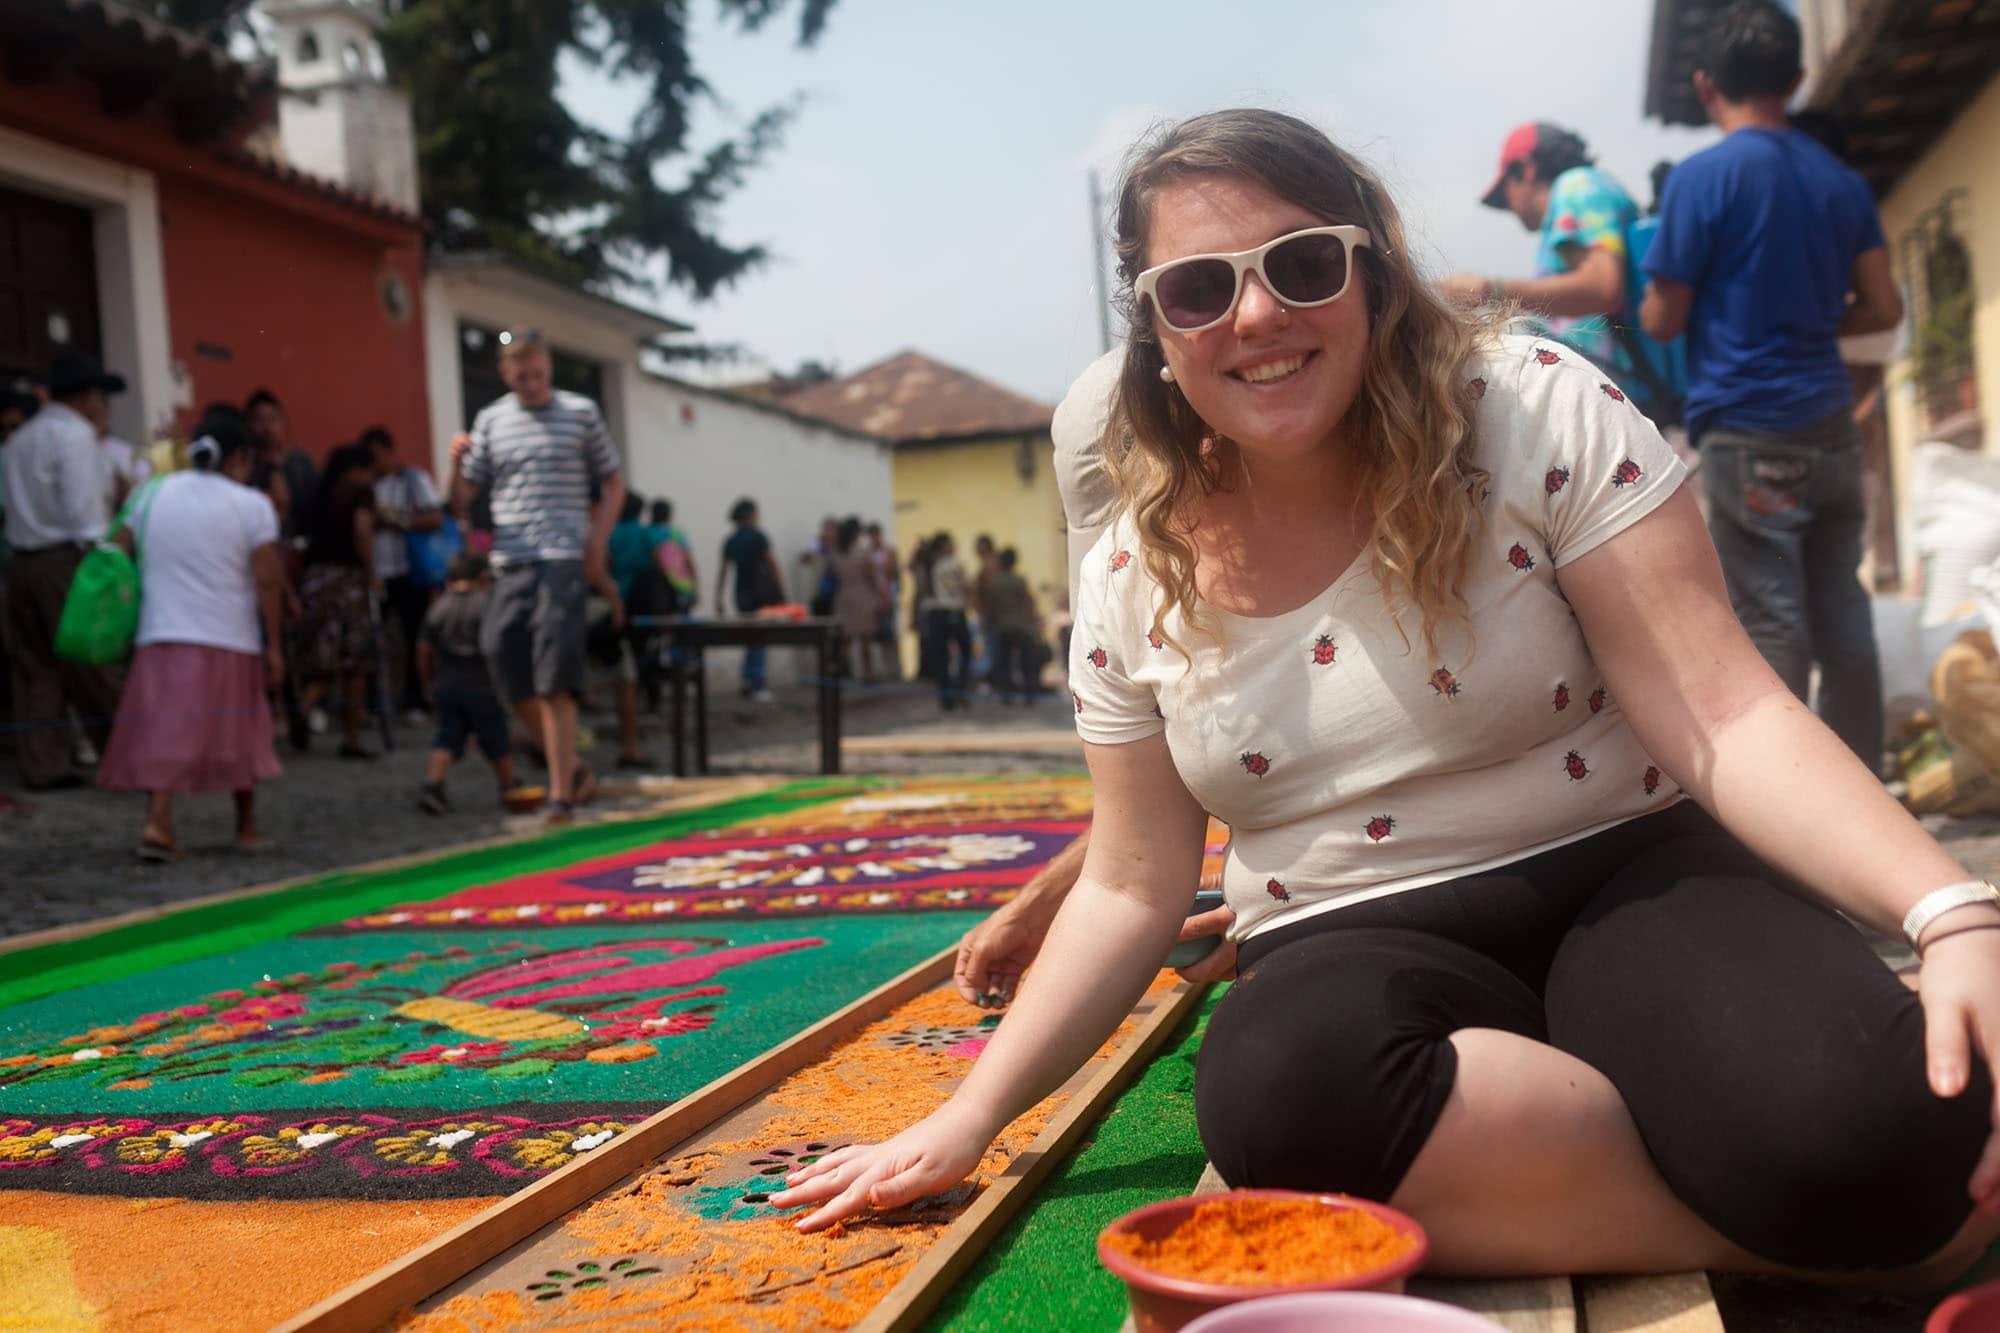 Creating an alfombra sawdust carpet for Semana Santa in Antigua, Guatemala.